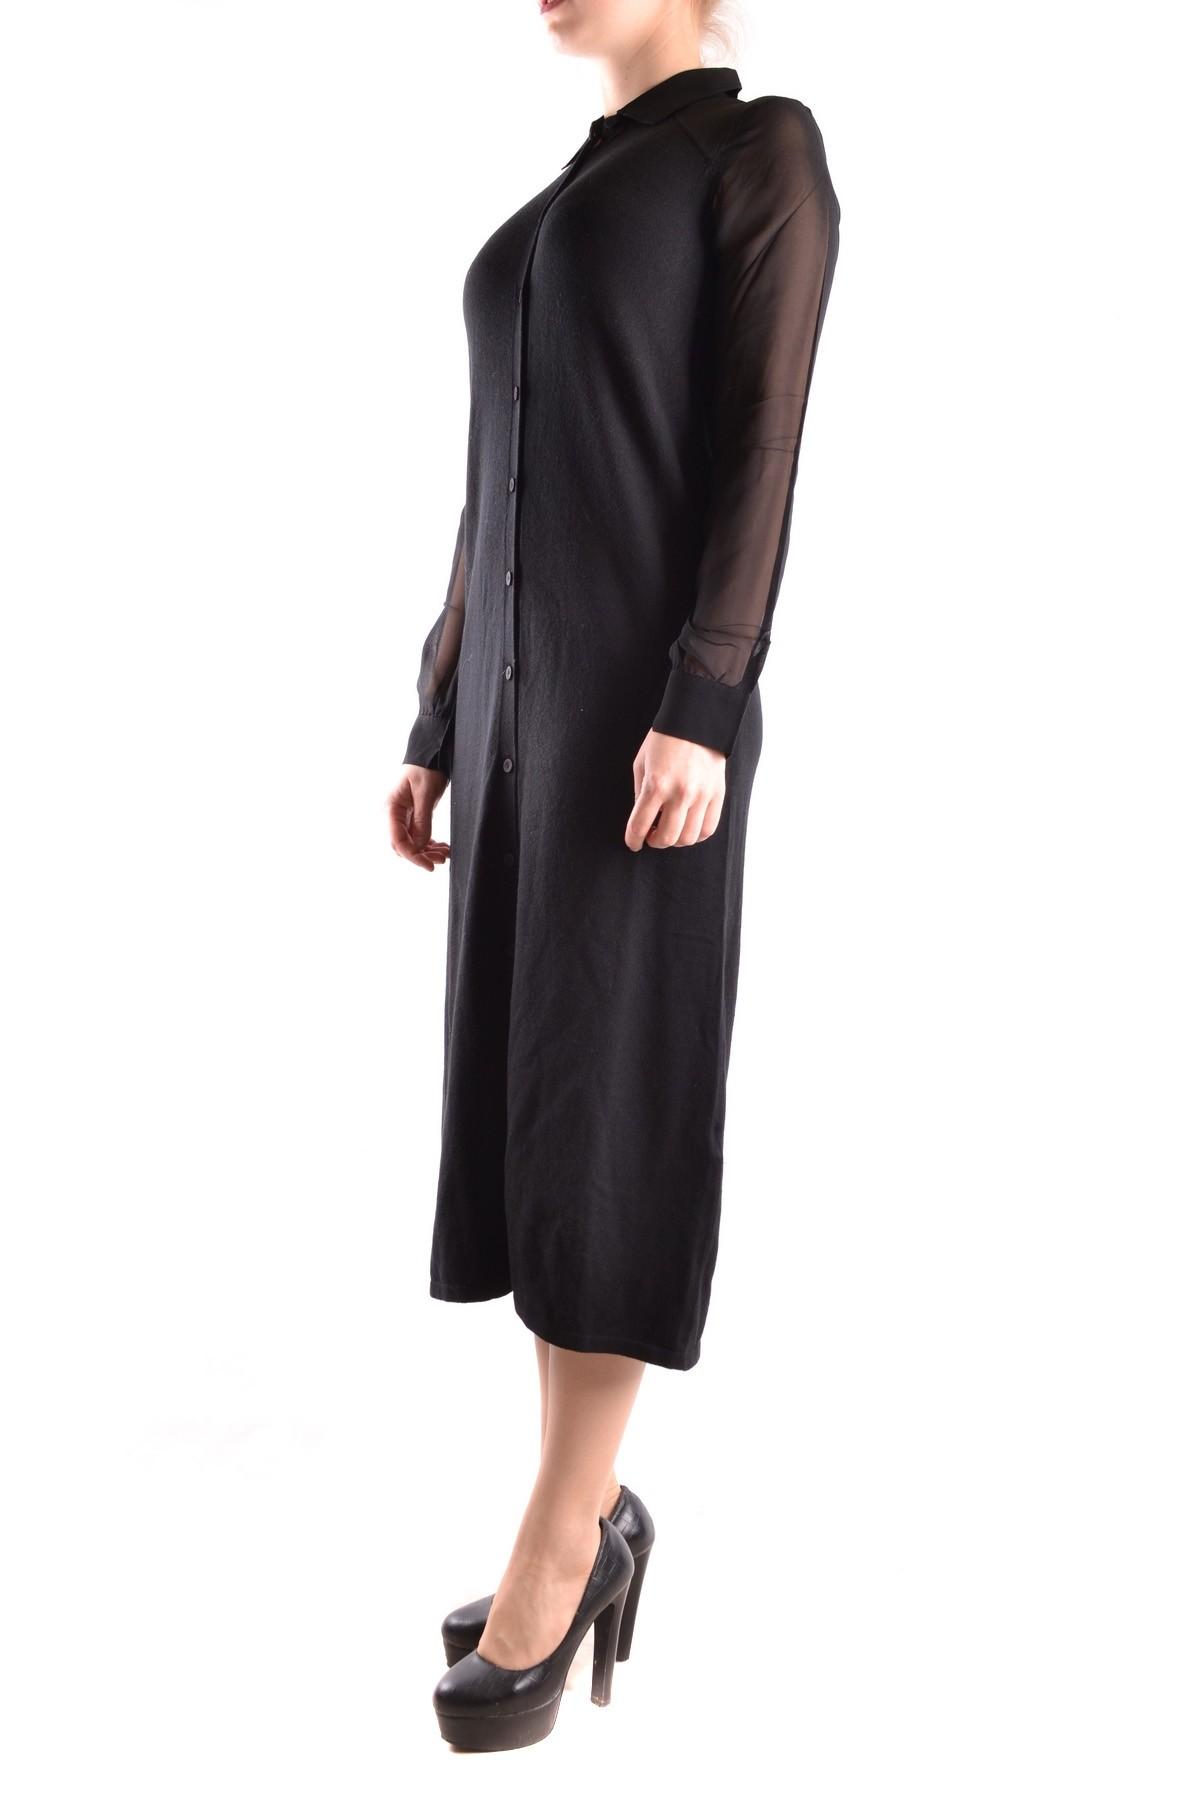 Balldiri 100% Cashmere Collo Alto Trecce Pullover 10 fädig XL GRIGIO XL fädig 1c28b3